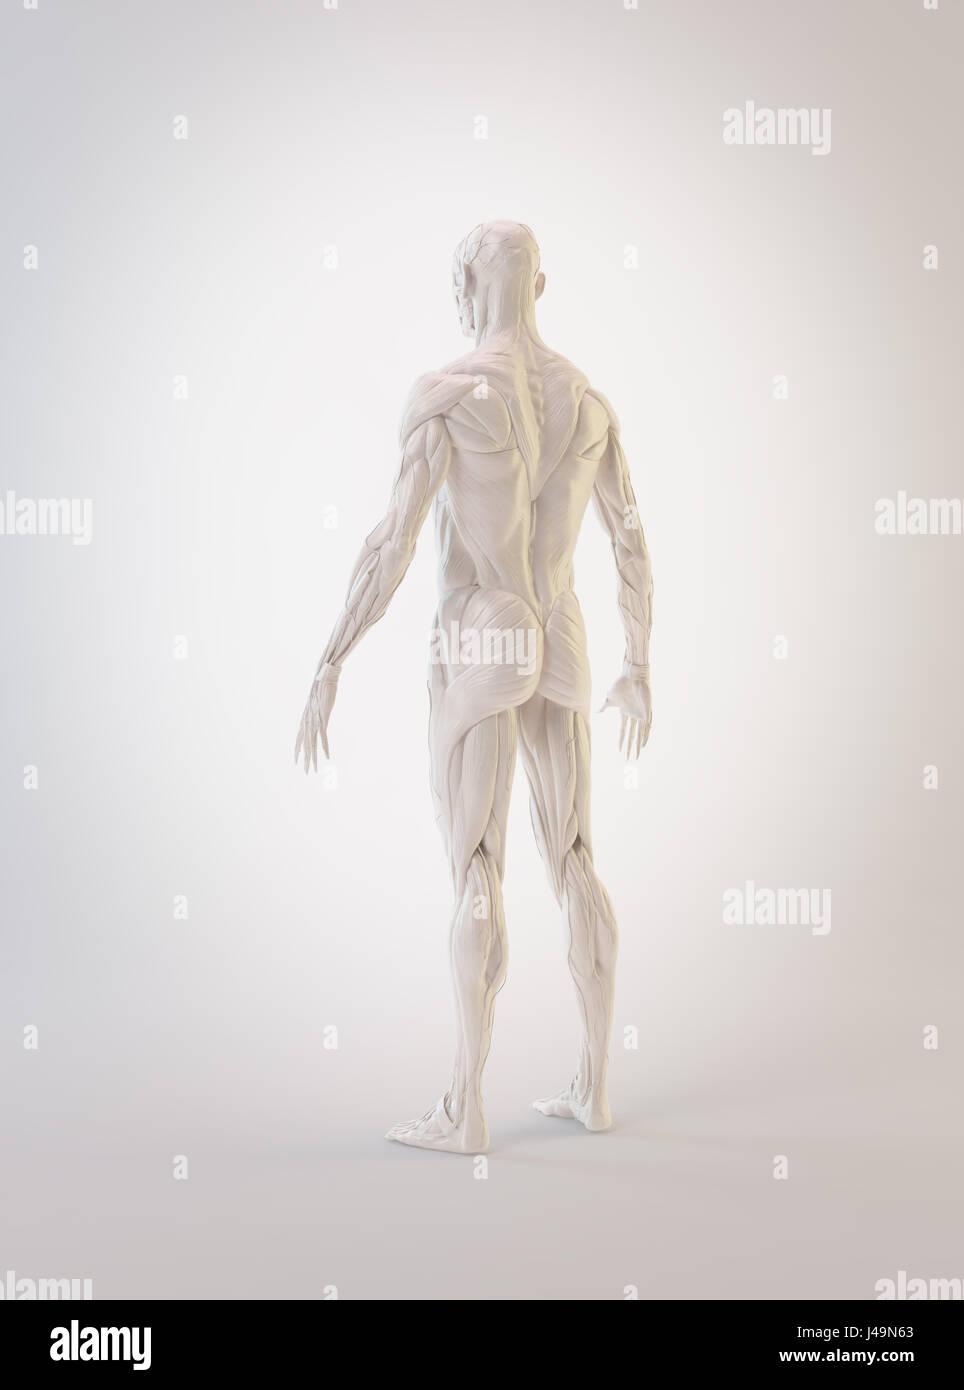 Ausgezeichnet Anatomie Der Muskeln Bilder - Anatomie Ideen - finotti ...